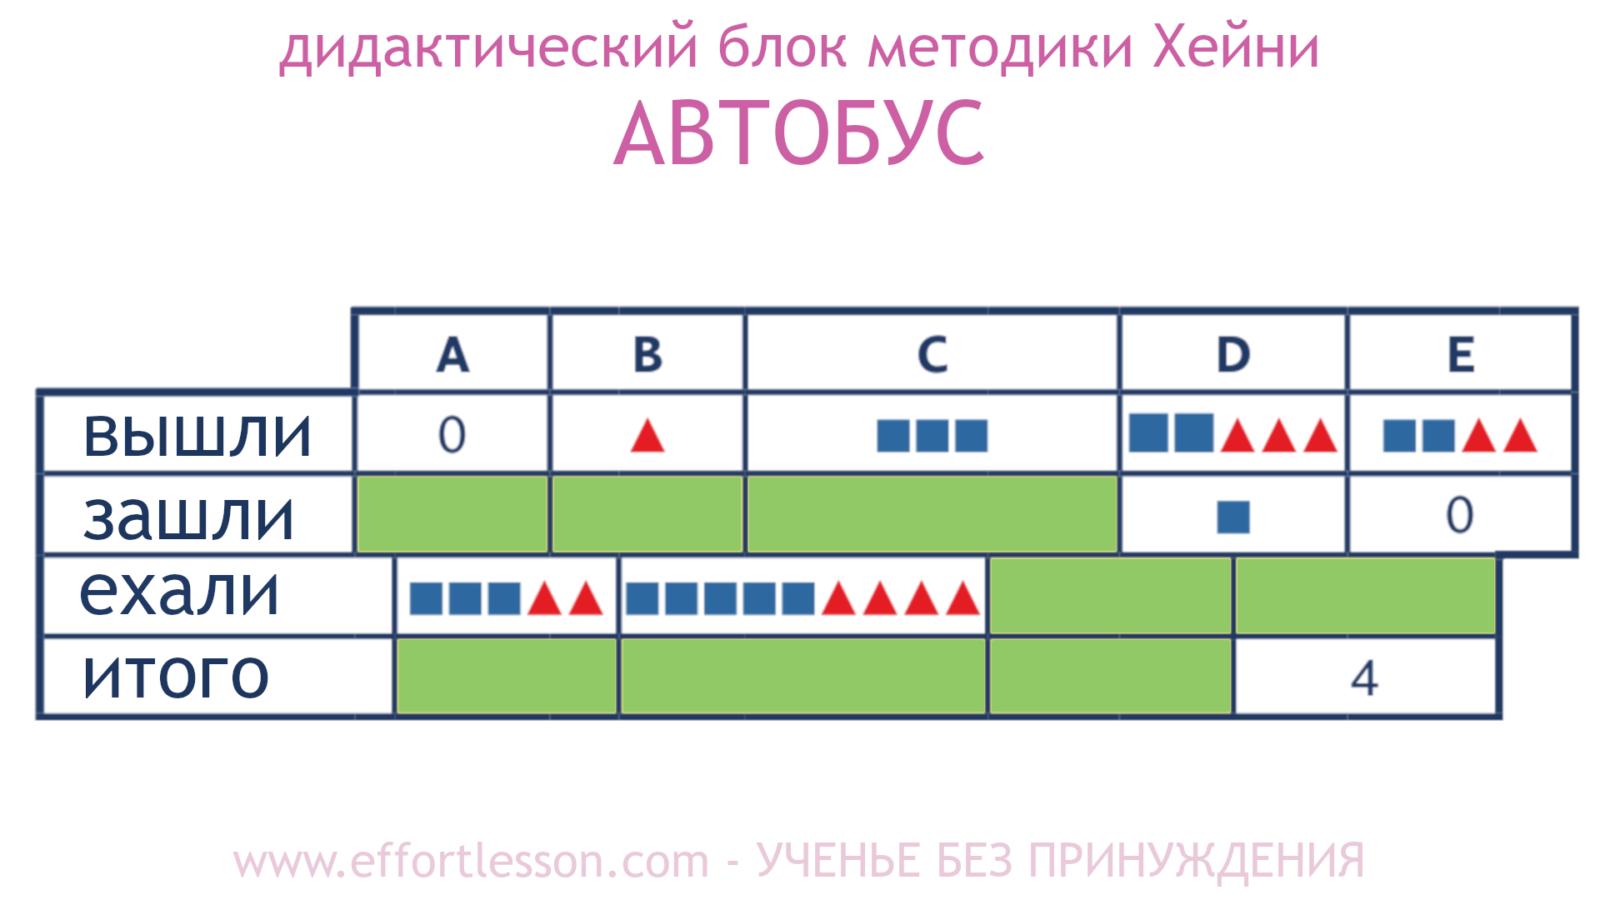 Таблица Автобус метод Хейни 2